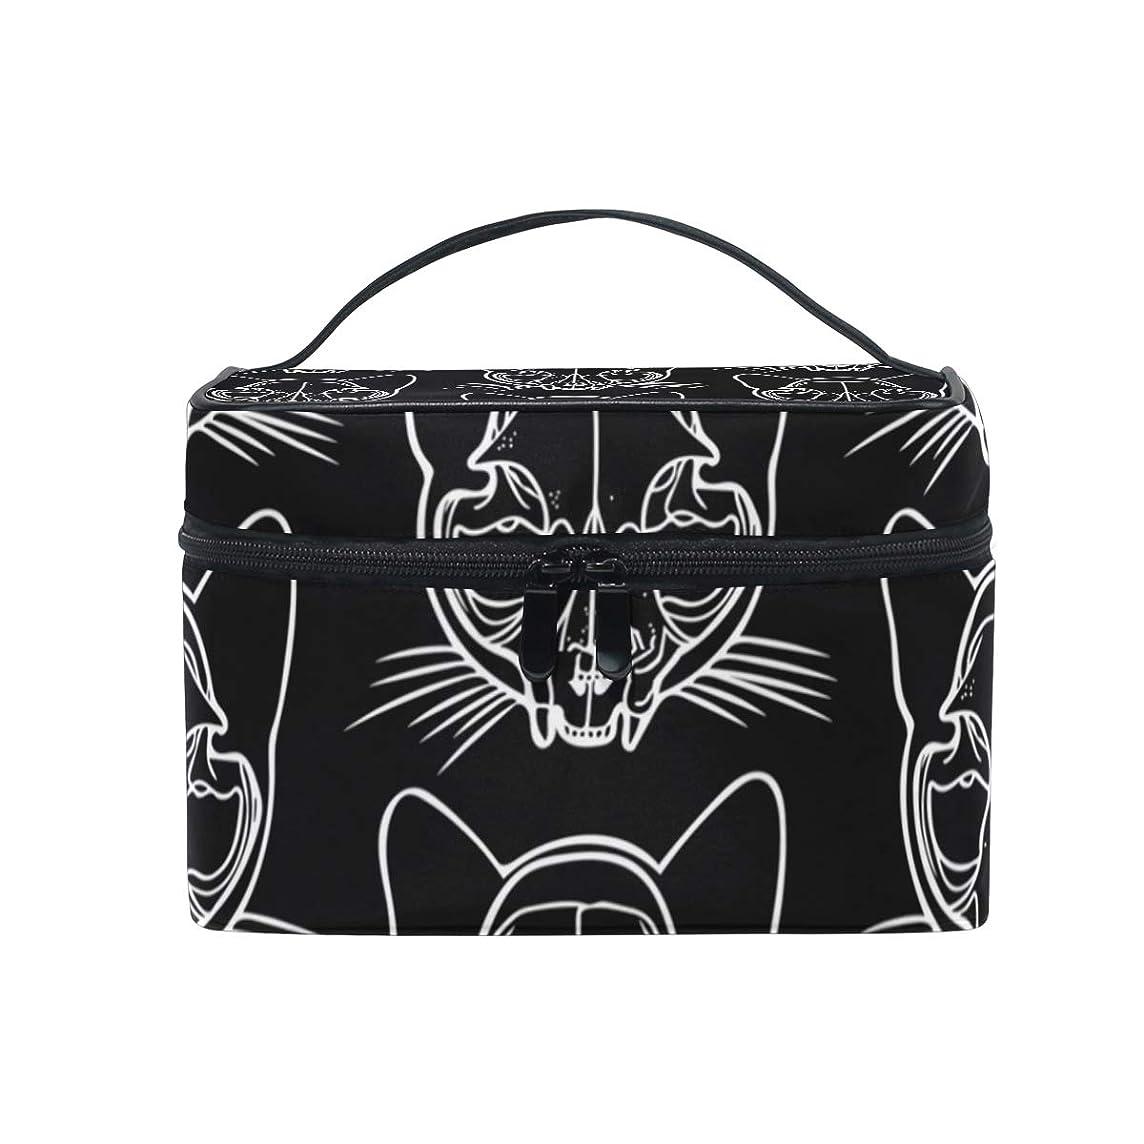 囲まれたバルセロナロケーションメイクボックス 猫の頭蓋骨キティペット柄 化粧ポーチ 化粧品 化粧道具 小物入れ メイクブラシバッグ 大容量 旅行用 収納ケース